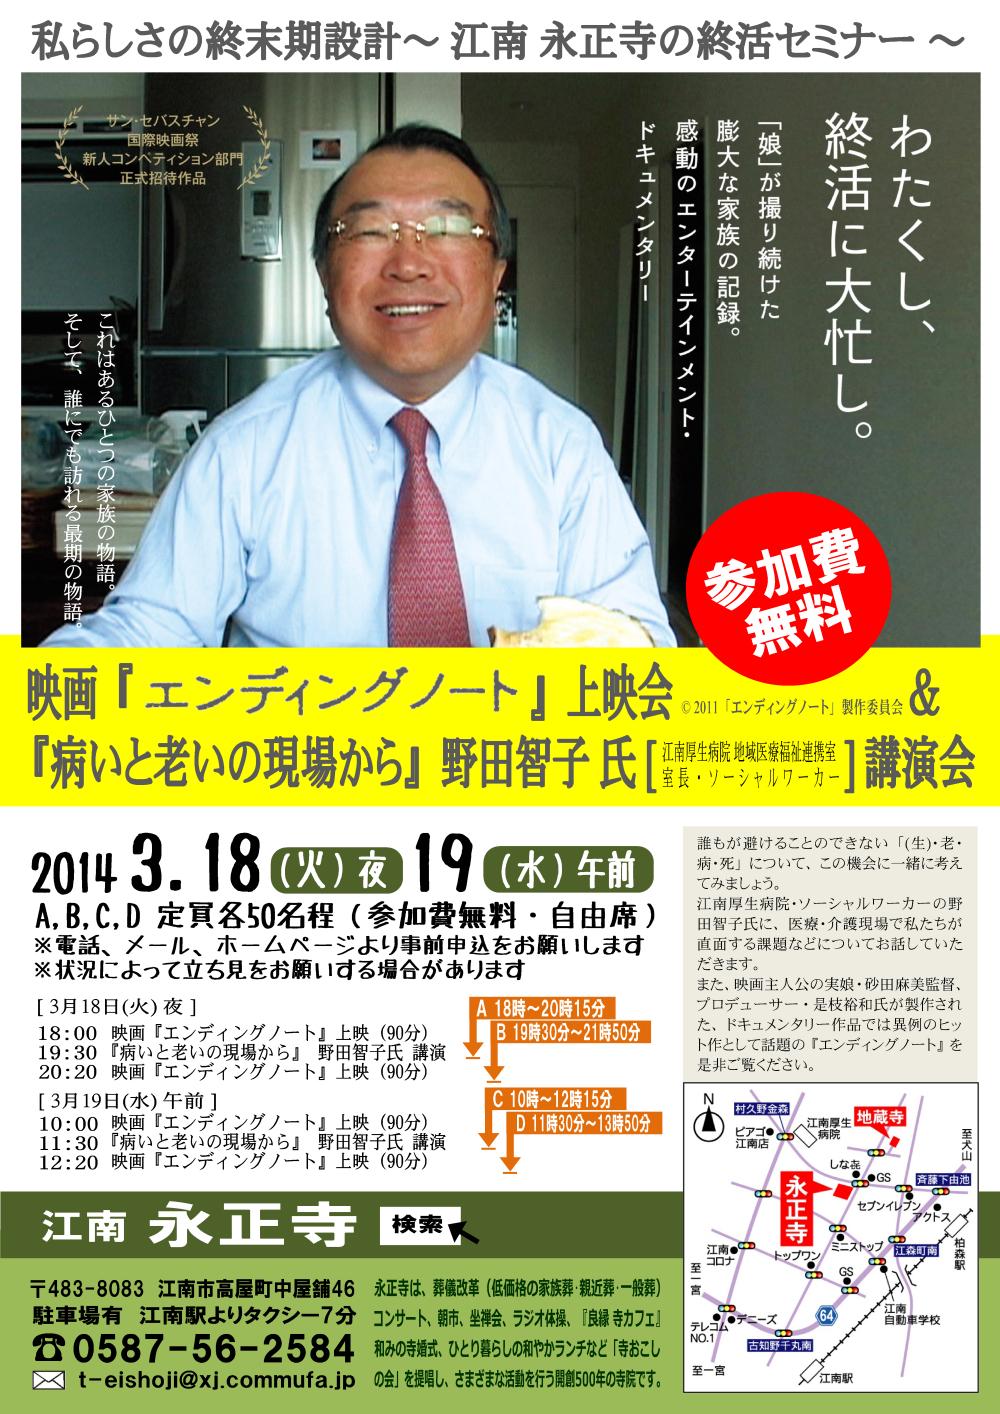 江南 永正寺 終活セミナー2014 チラシ